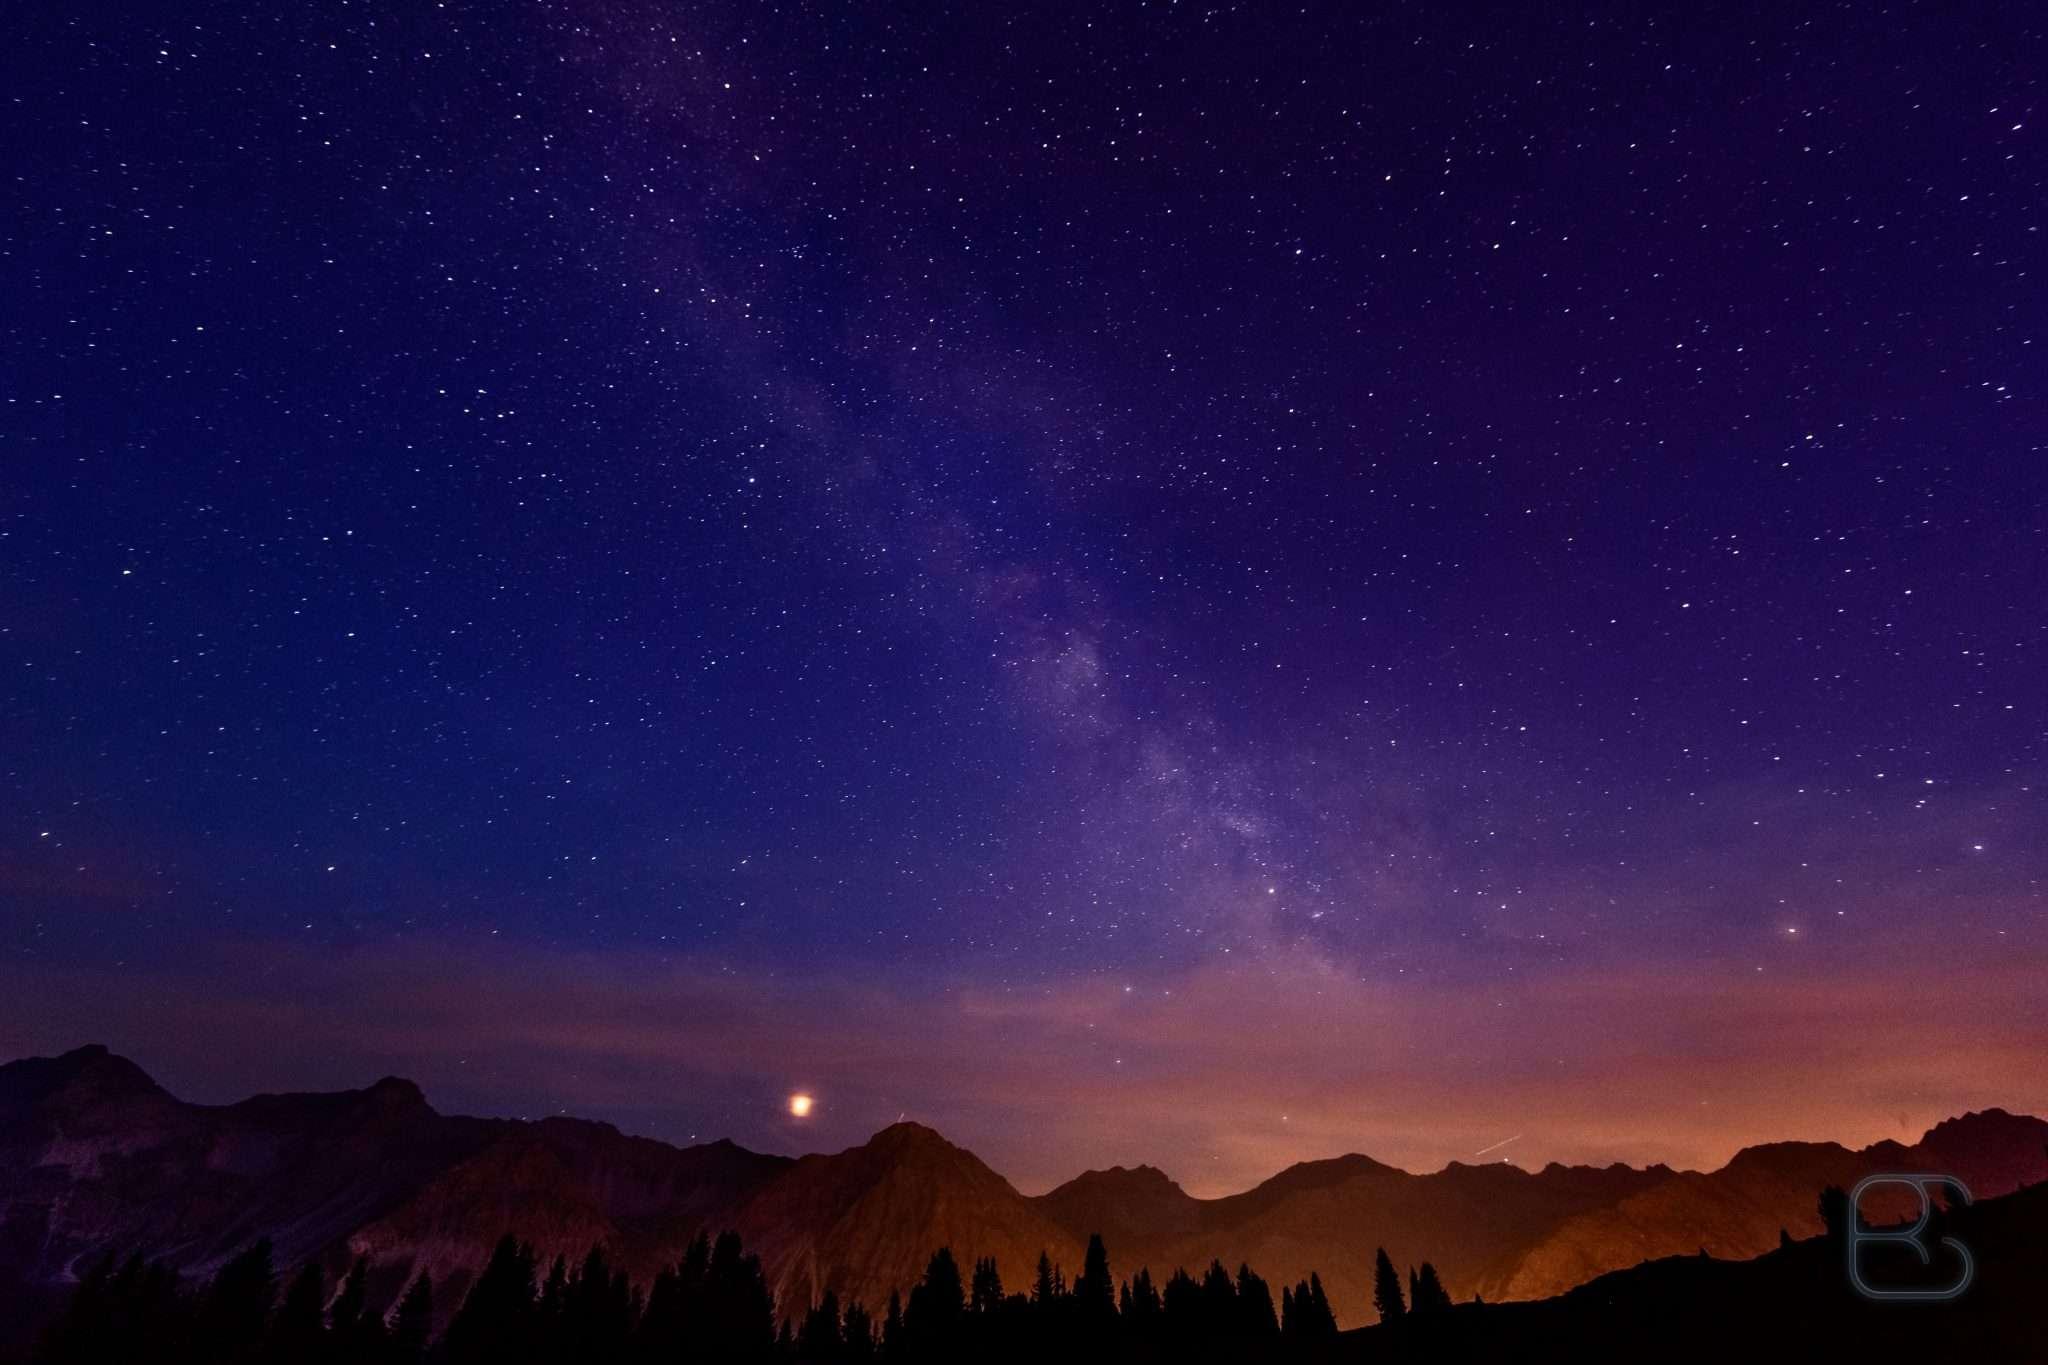 Night photoworkshop by Alessandro Della Bella